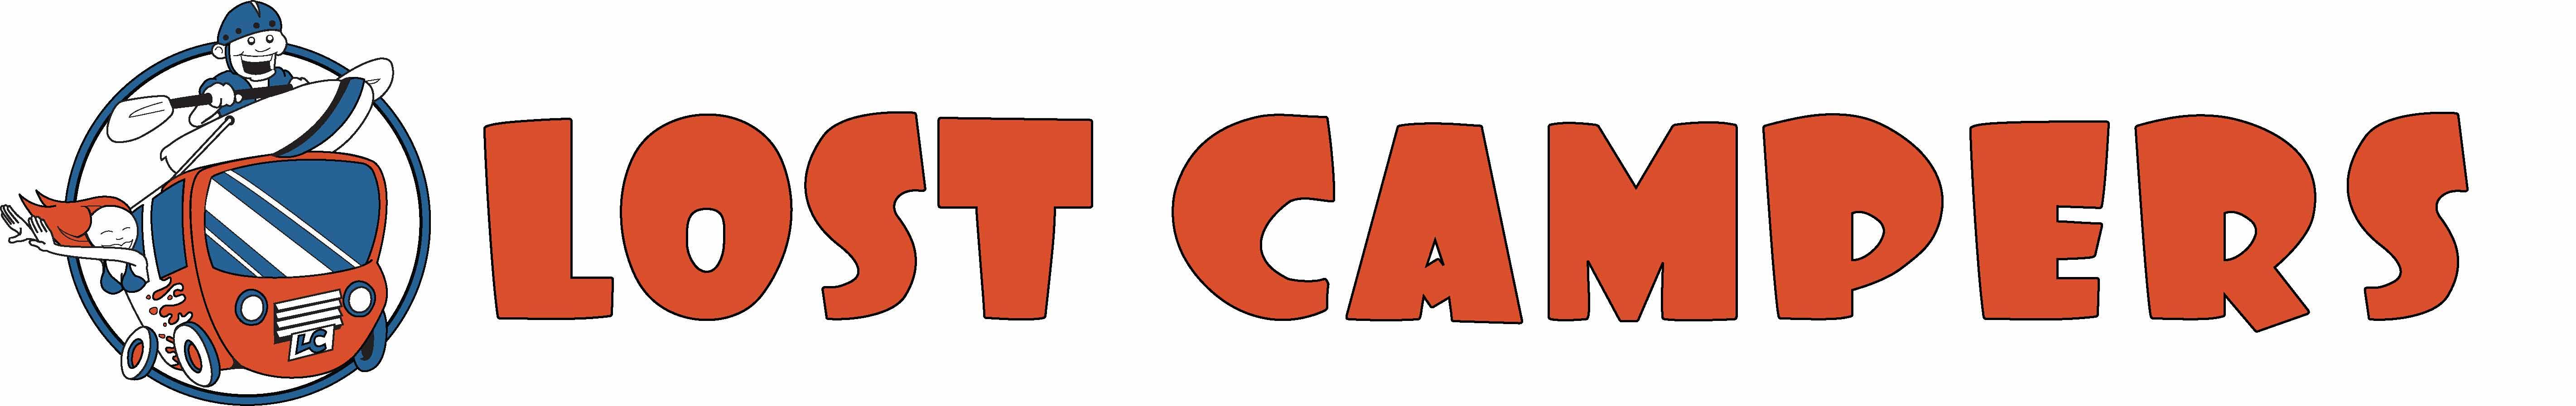 Cheap Campervan Rentals USA | Campervan Hire, Campervans for Rent